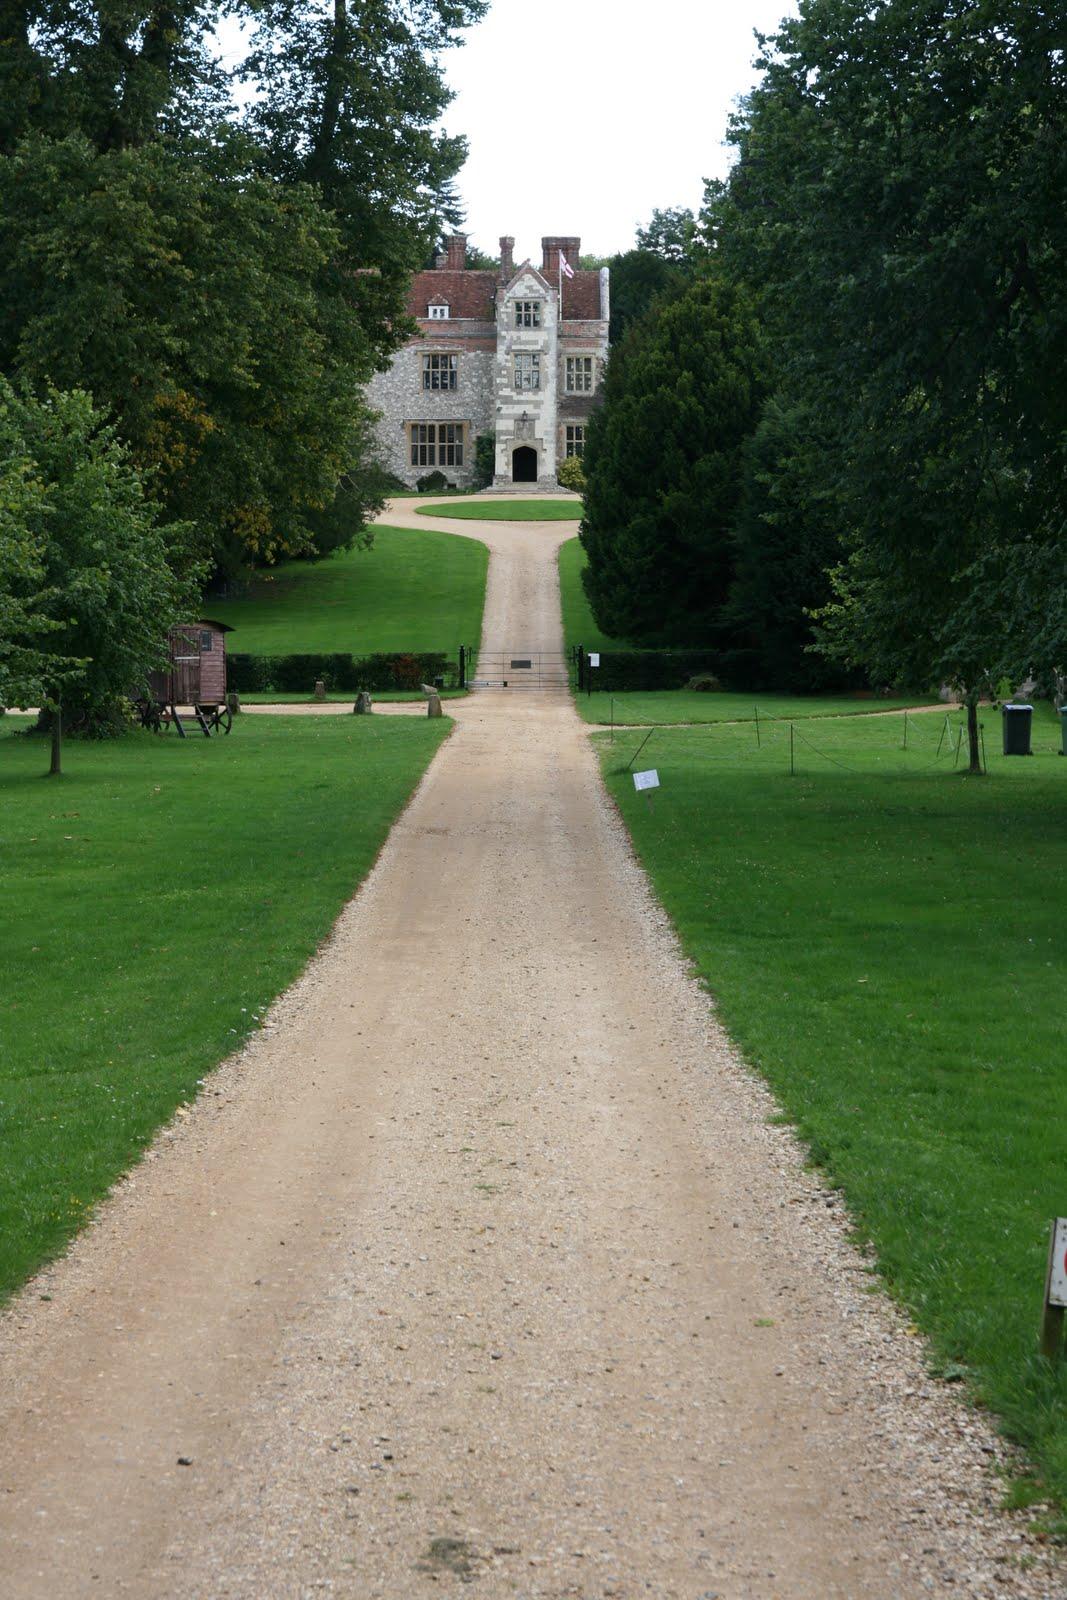 1008 074 Alton Circular, Hampshire, England Towards the manor